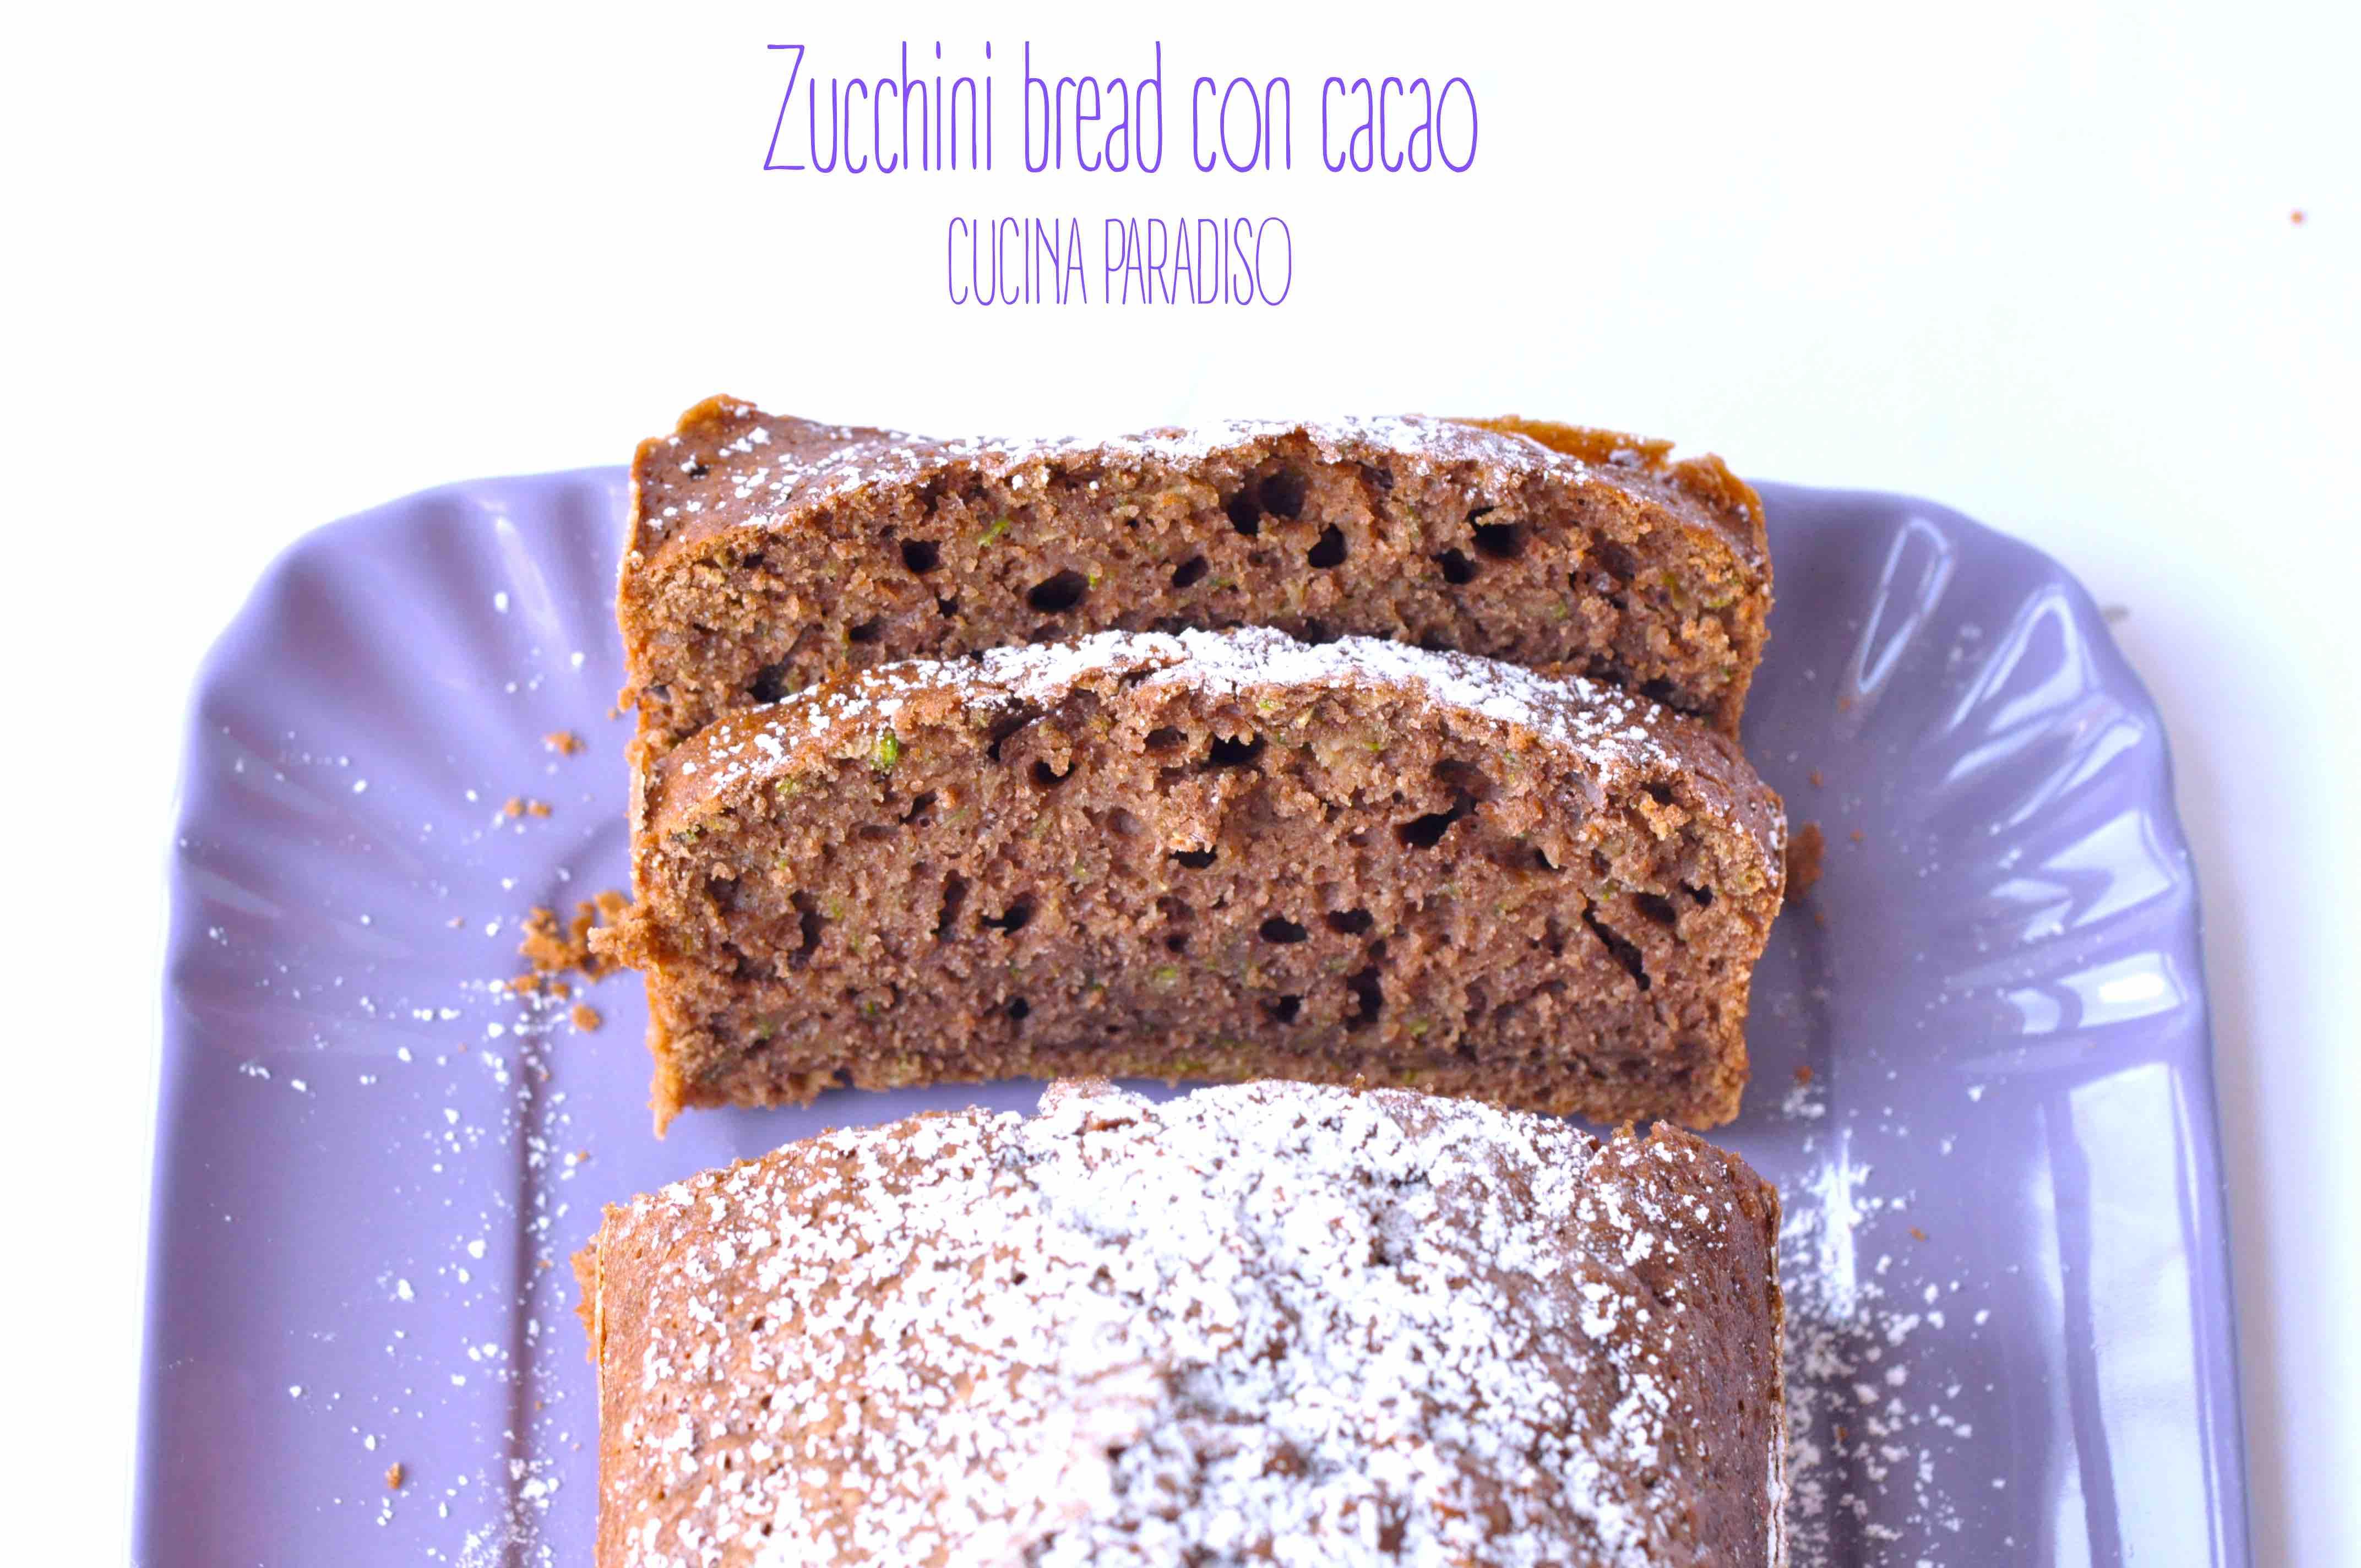 Zucchini bread con cacao